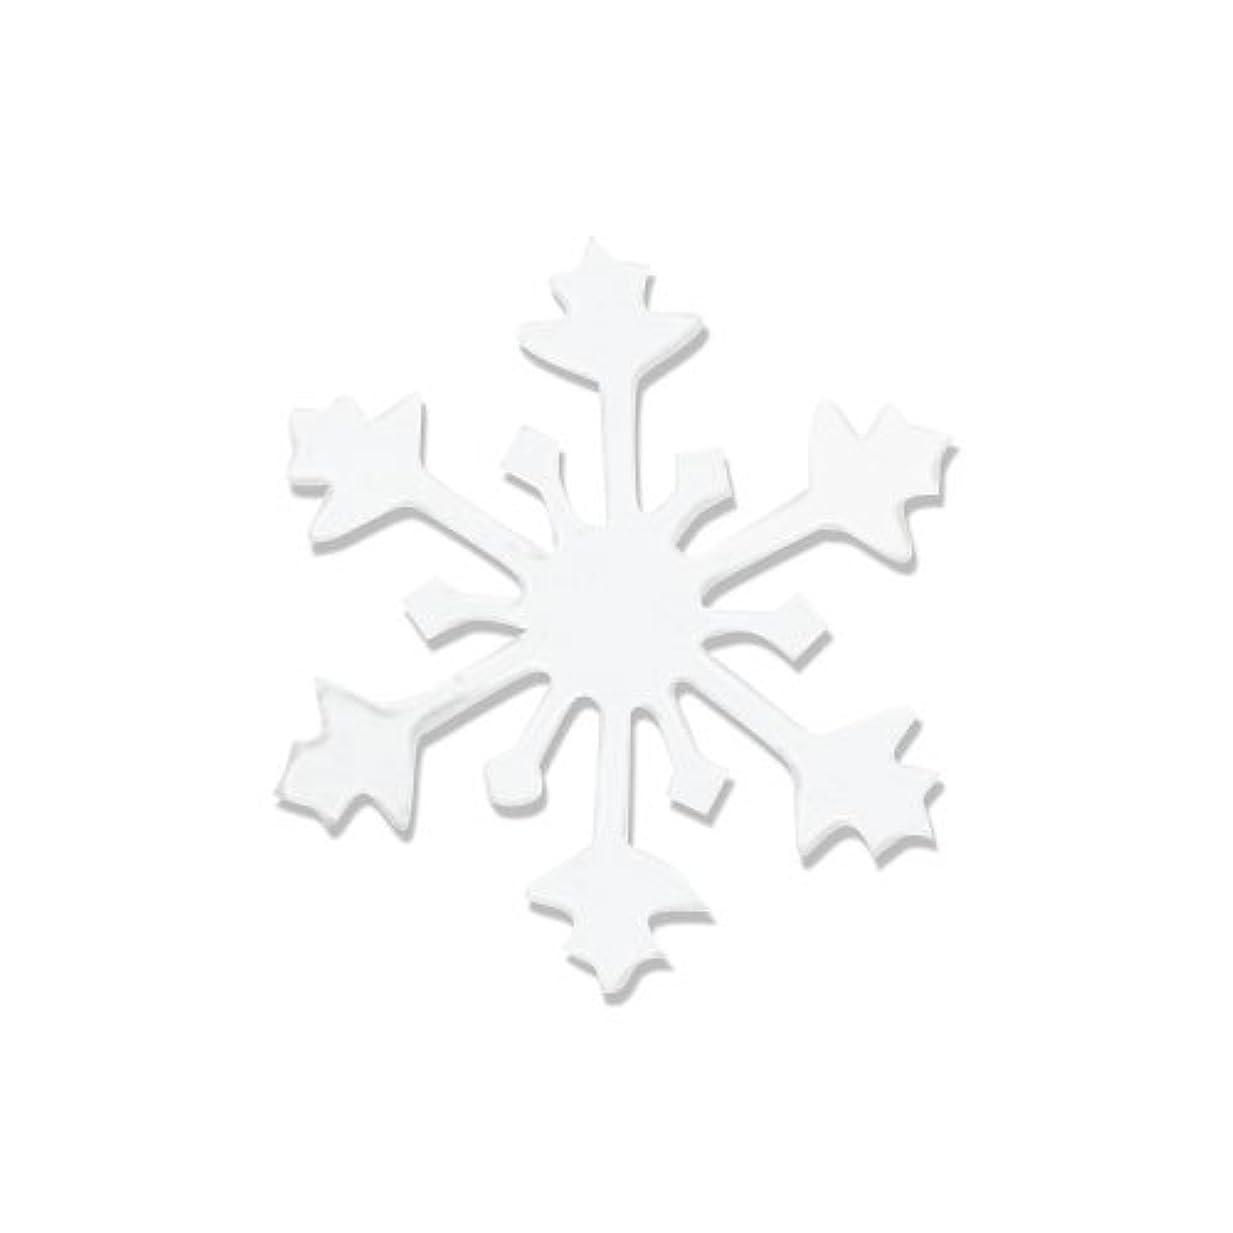 溶融廃止チューリップリトルプリティー ネイルアートパーツ スノークリスタル S ホワイト 10個